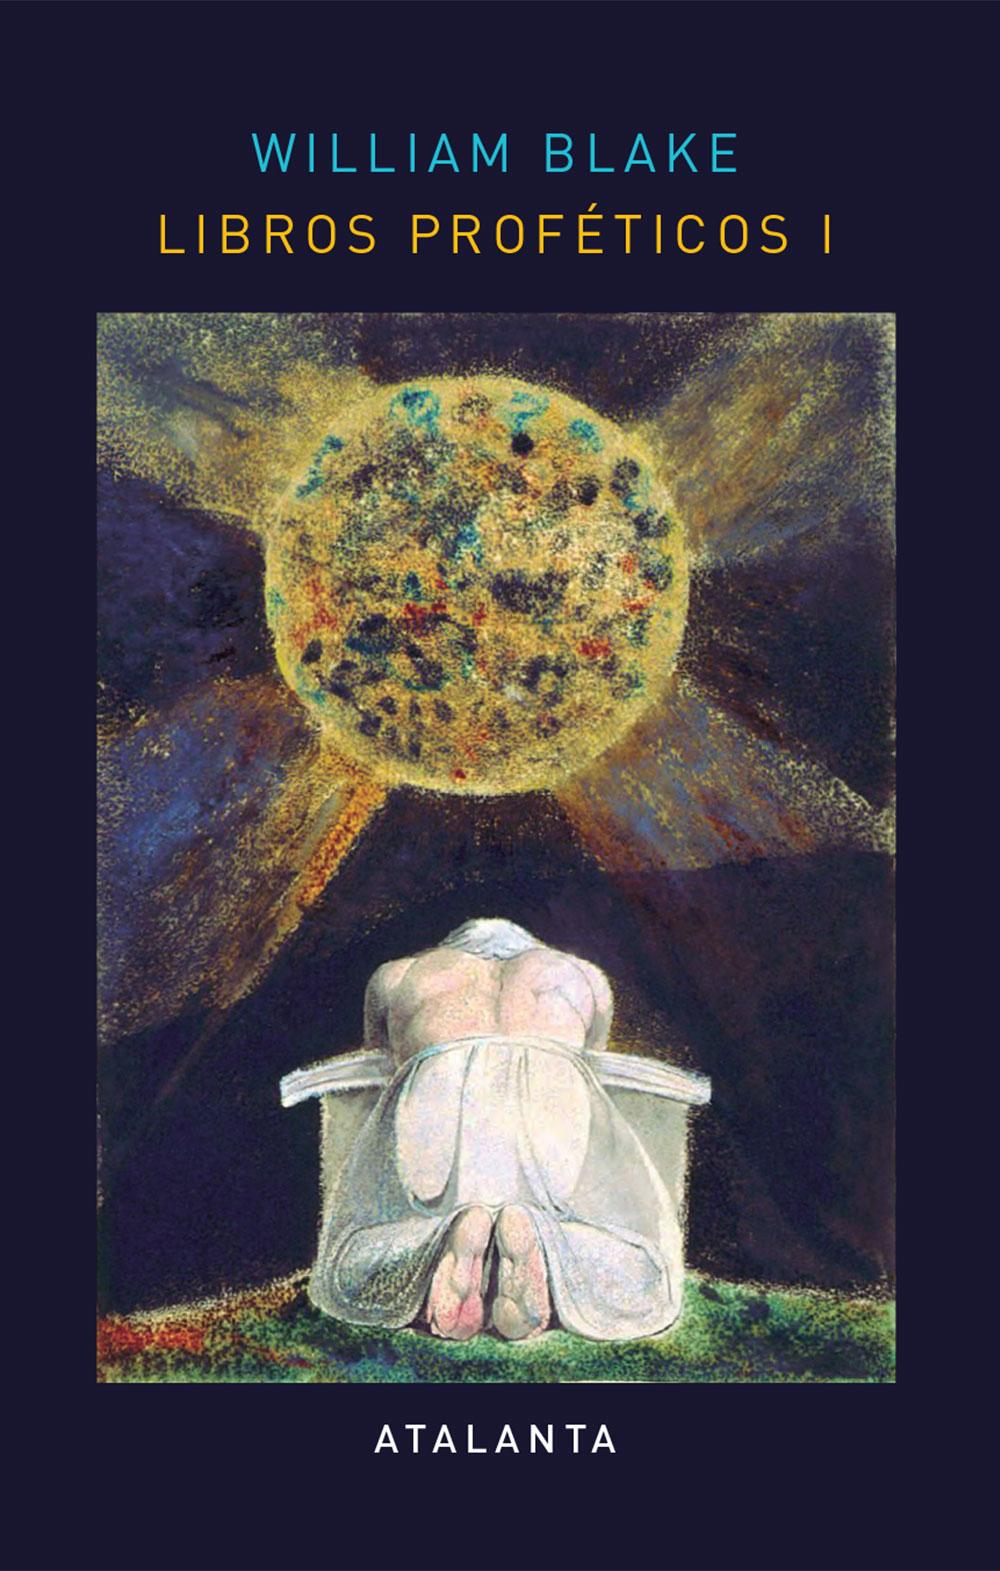 Blake, William - Libros proféticos I pdf